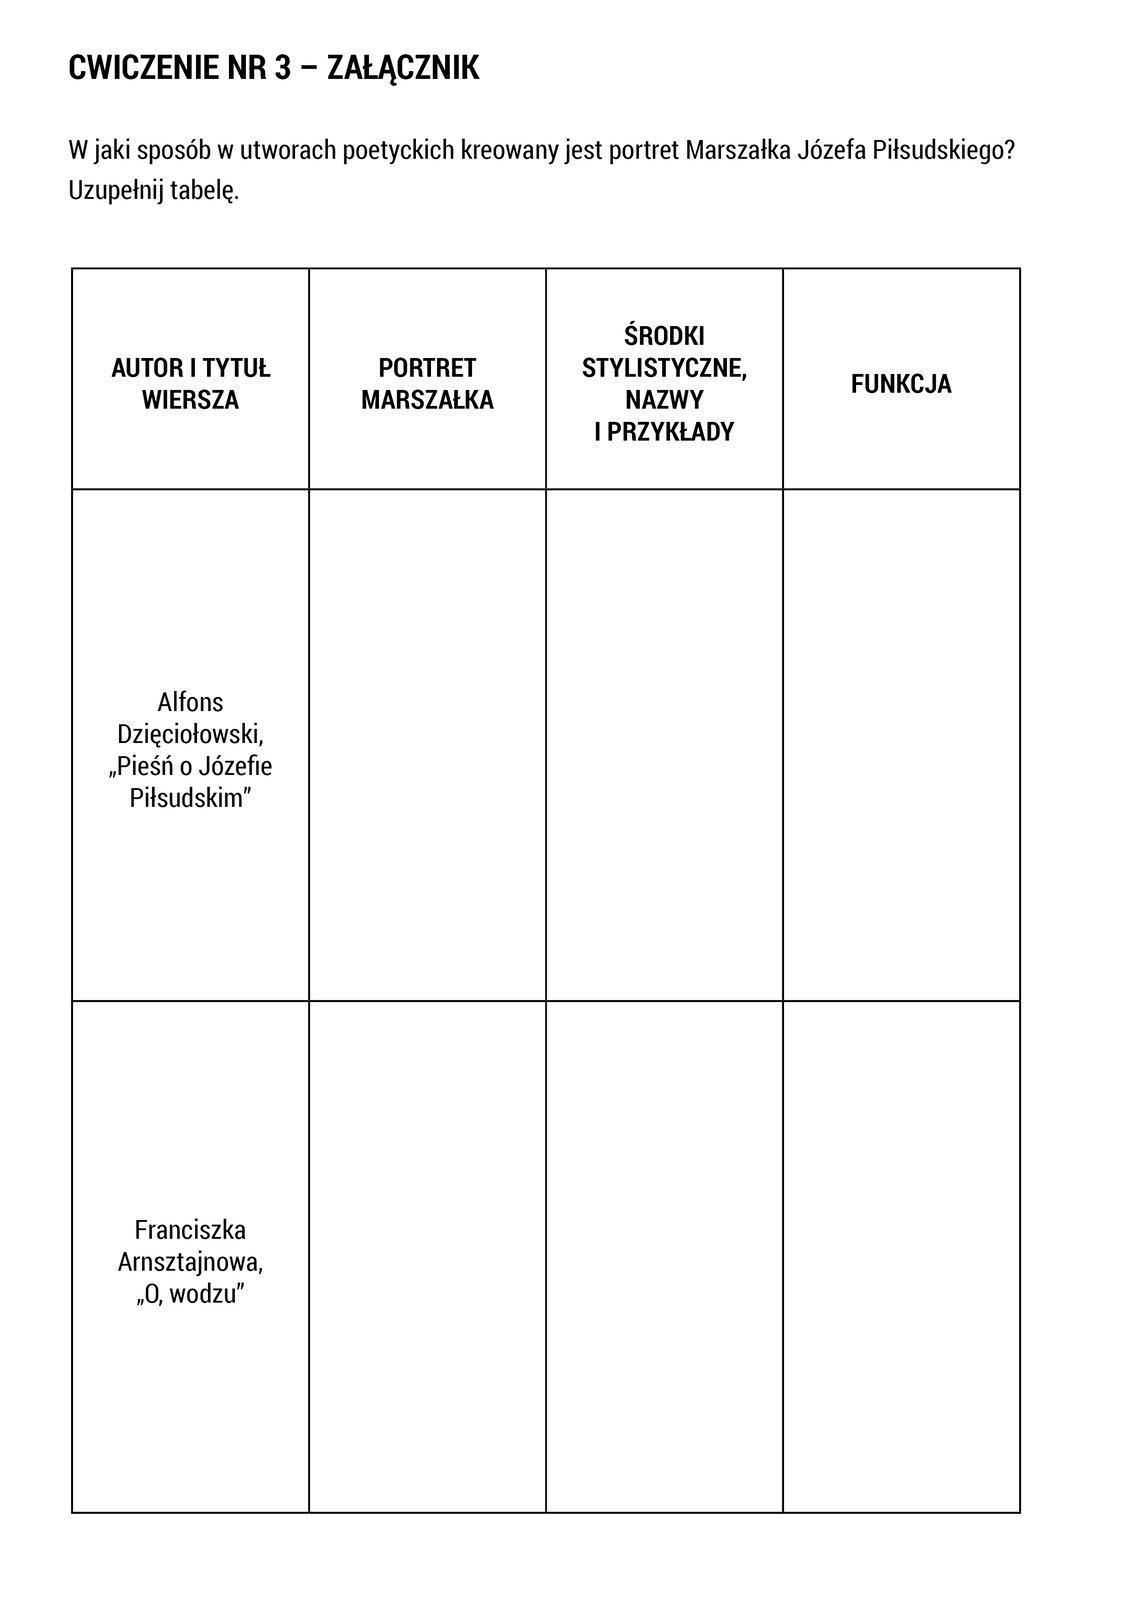 """Na ekranie wyświetla się wramce polecenie trzecie otreści: """"W jaki sposób wutworach poetyckich kreowany jest portret Marszałka Józefa Piłsudskiego? Uzupełnij tabelę"""". Poniżej wyświetla się załącznik nr 3. Na białej kartce znajduje się tabela. Kolumny są oznaczone kolejno: """"AUTOR ITYTUŁ WIERSZA"""", """"PORTRET MARSZAŁKA"""", """"ŚRODKI STYLISTYCZNE, NAZWY IPRRZYKŁADY"""", """"FUNKCJE"""". Tabela ma dwa wiersze. Pierwszy wiersz: """"Alfons Dzięciołowski »Pieśń oJózefie Piłsudskim«, drugi wiersz: """"Franciszka Arnsztajnowa »O wodzu«""""."""